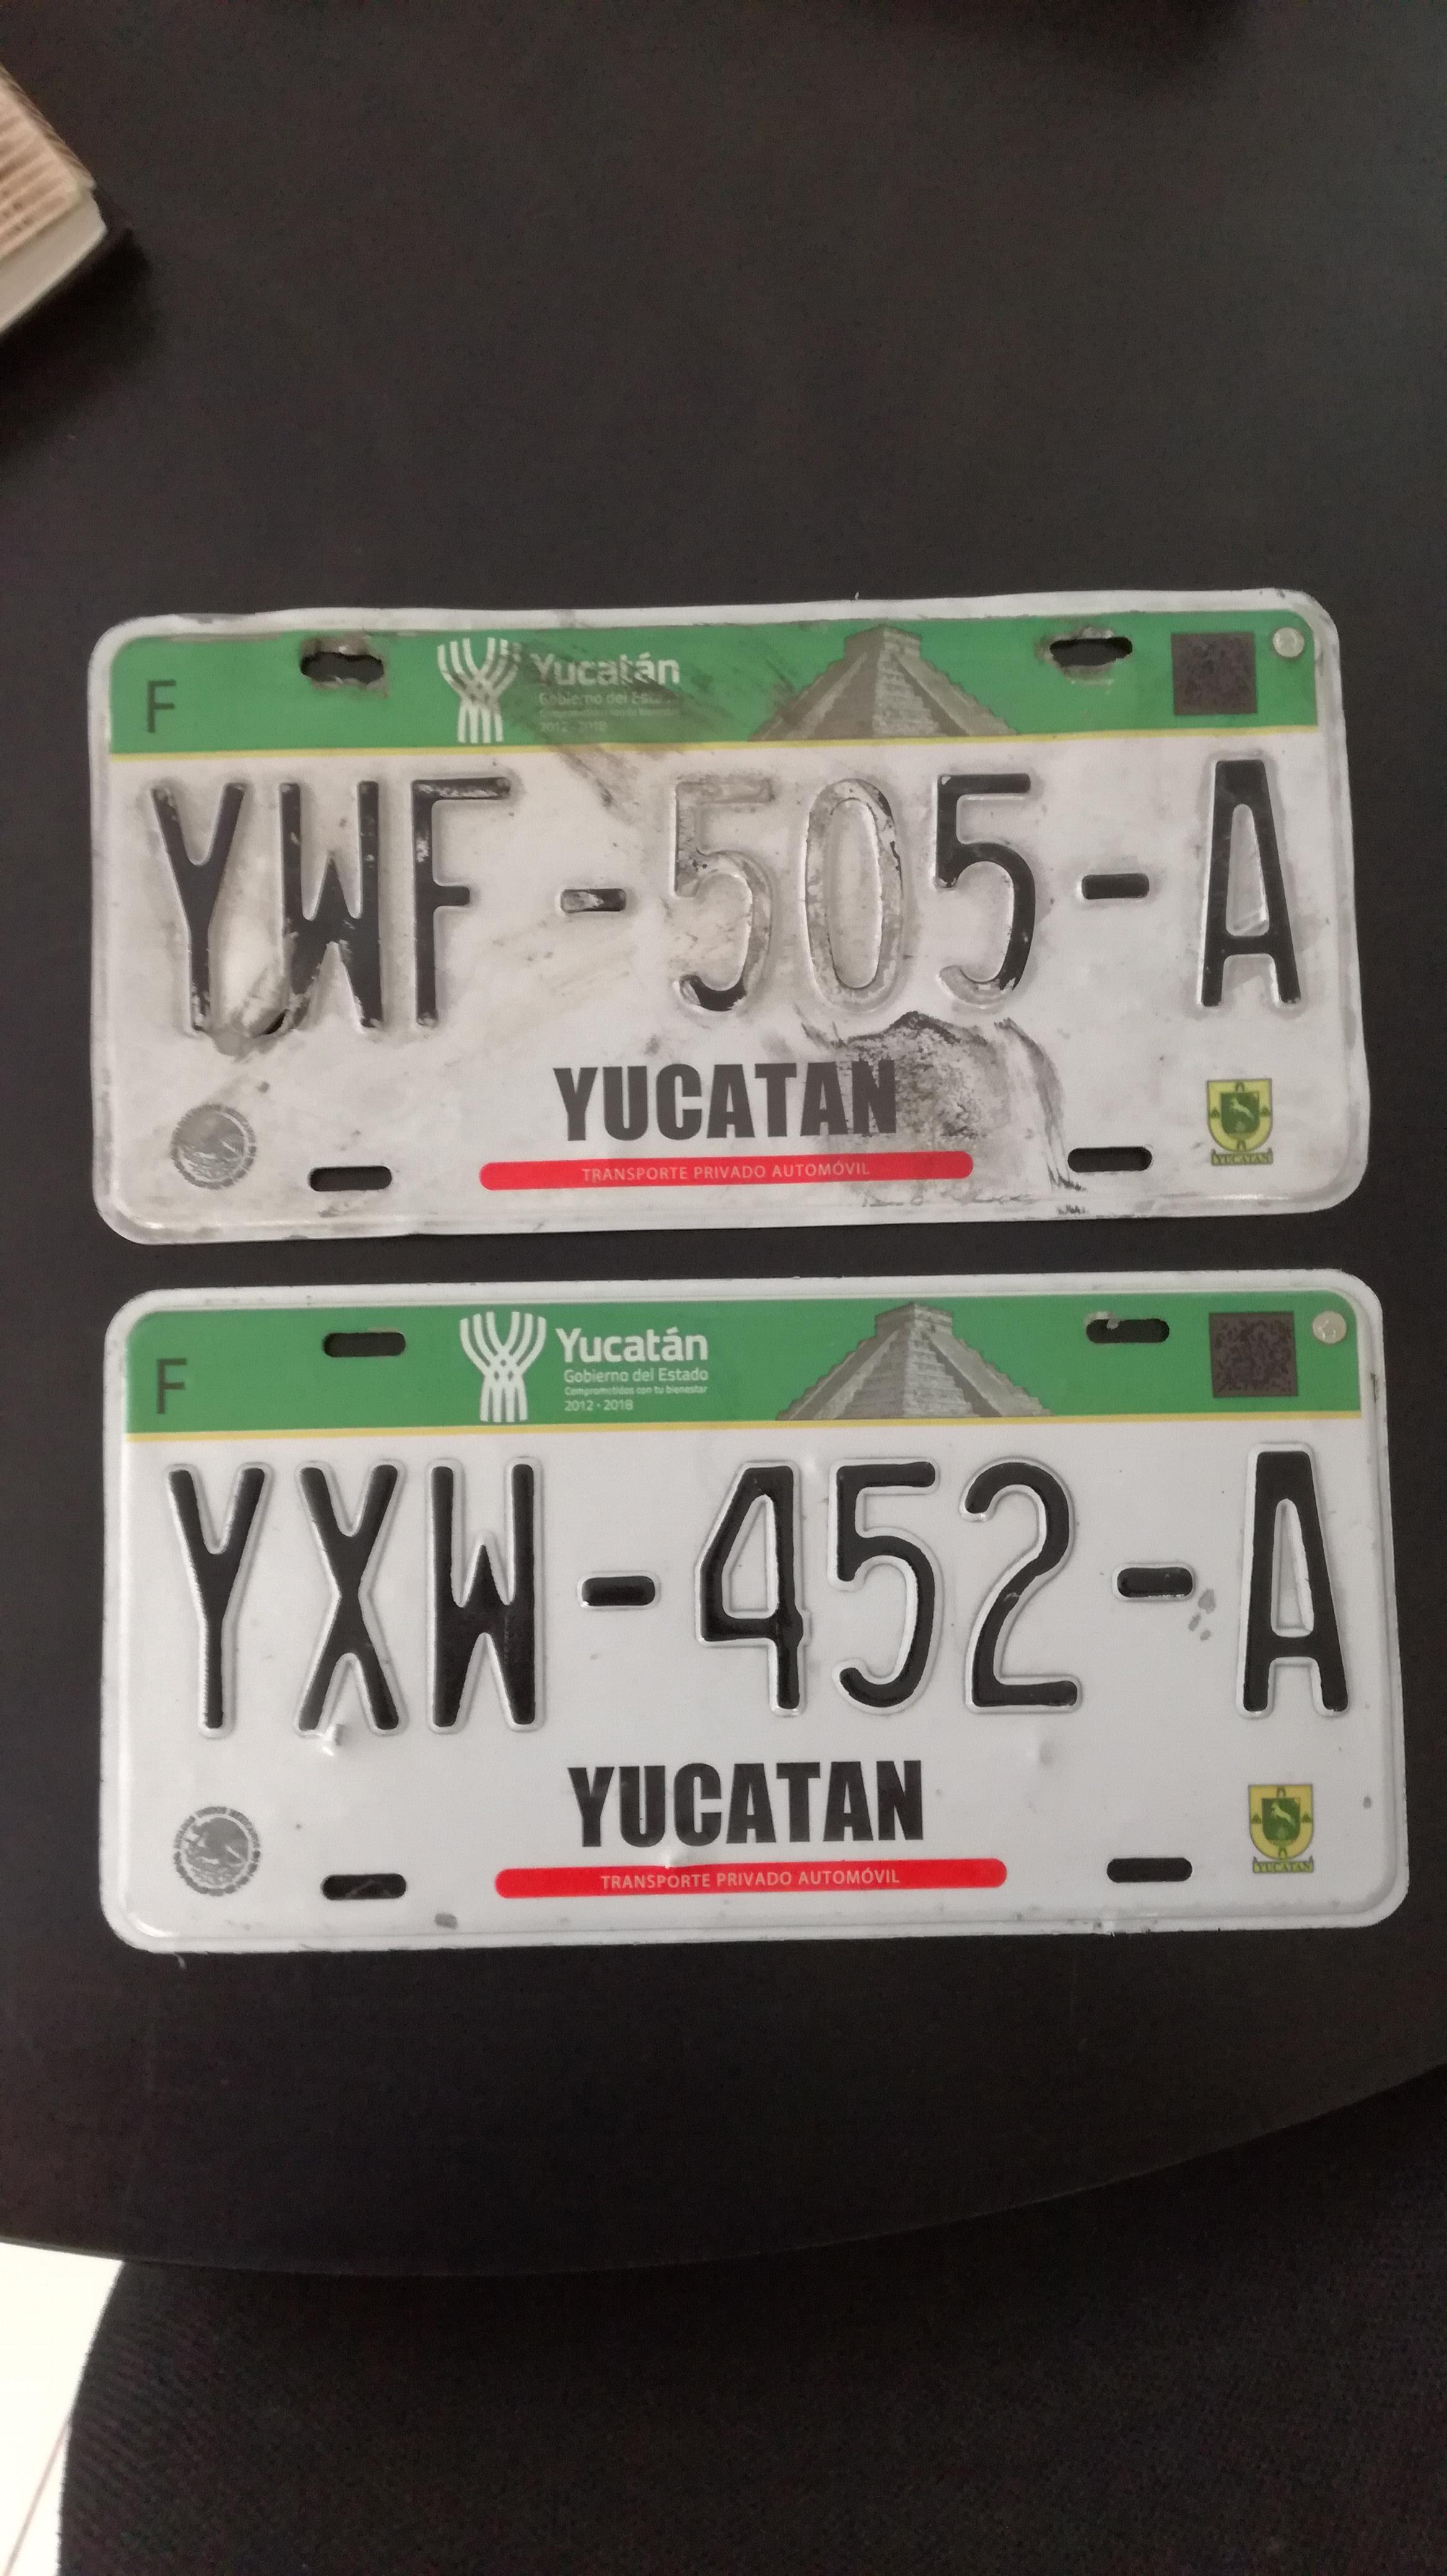 placas de autos y credencial para votar, en oficinas de De Peso